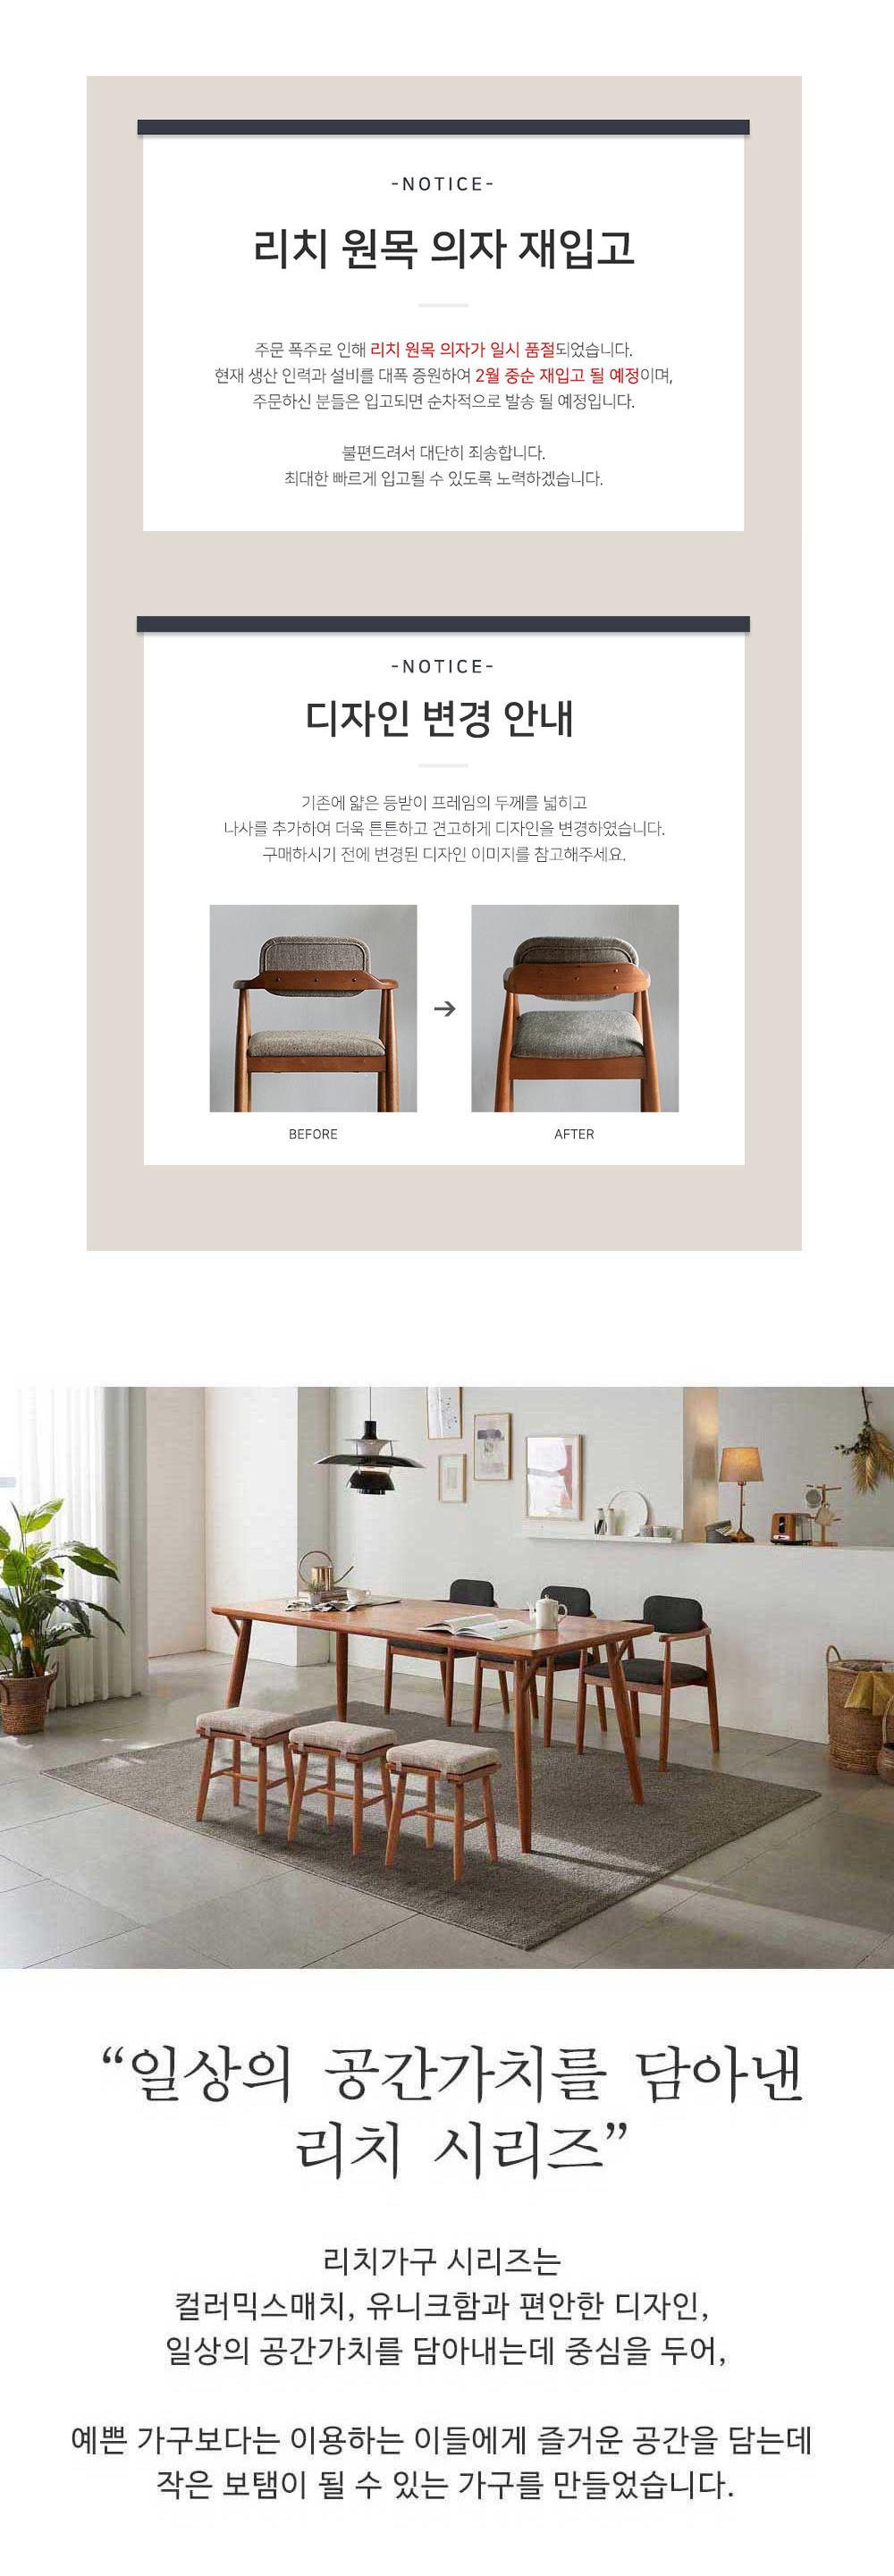 리치 6-8인용 원목 식탁테이블 2000세트 (벤치 스툴포함) - 웨어하우스, 903,000원, 식탁/의자, 6인 식탁/세트